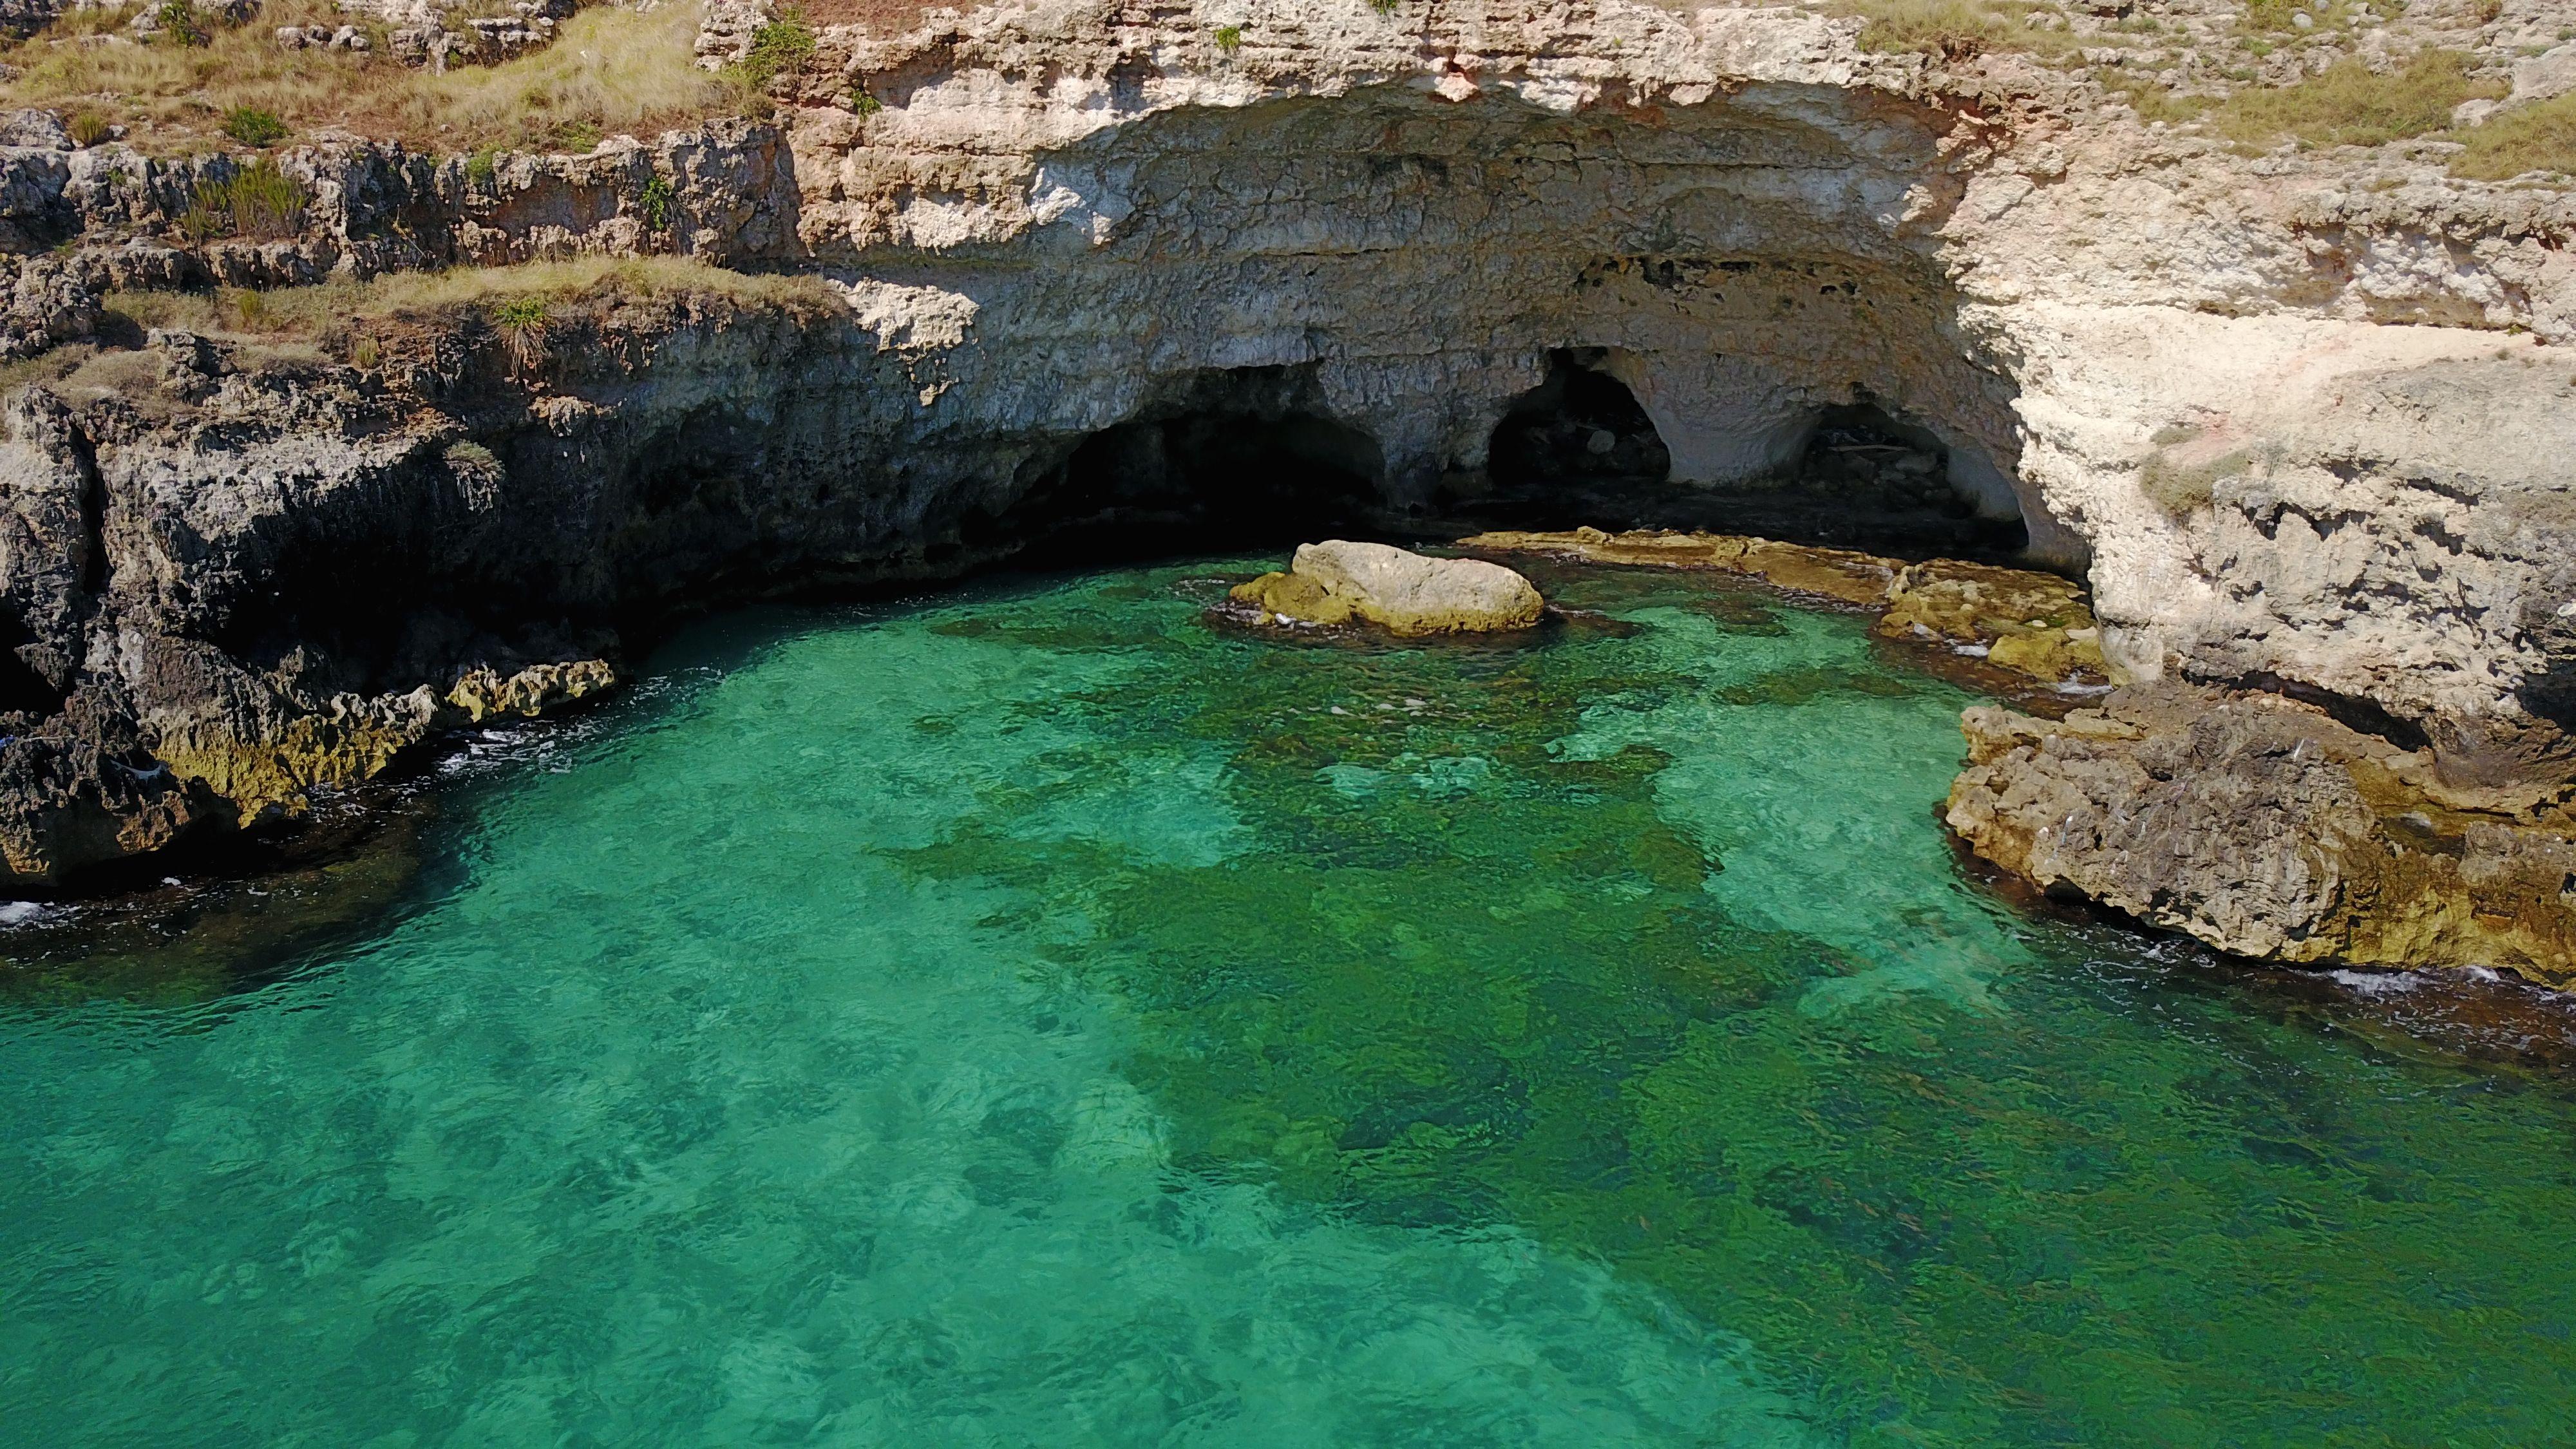 Grotta Corvino tra Monopoli e Polignano a Mare in uno dei tratti di costa a falesia più affascinanti della Puglia | Spiagge, Marito, Monopoli